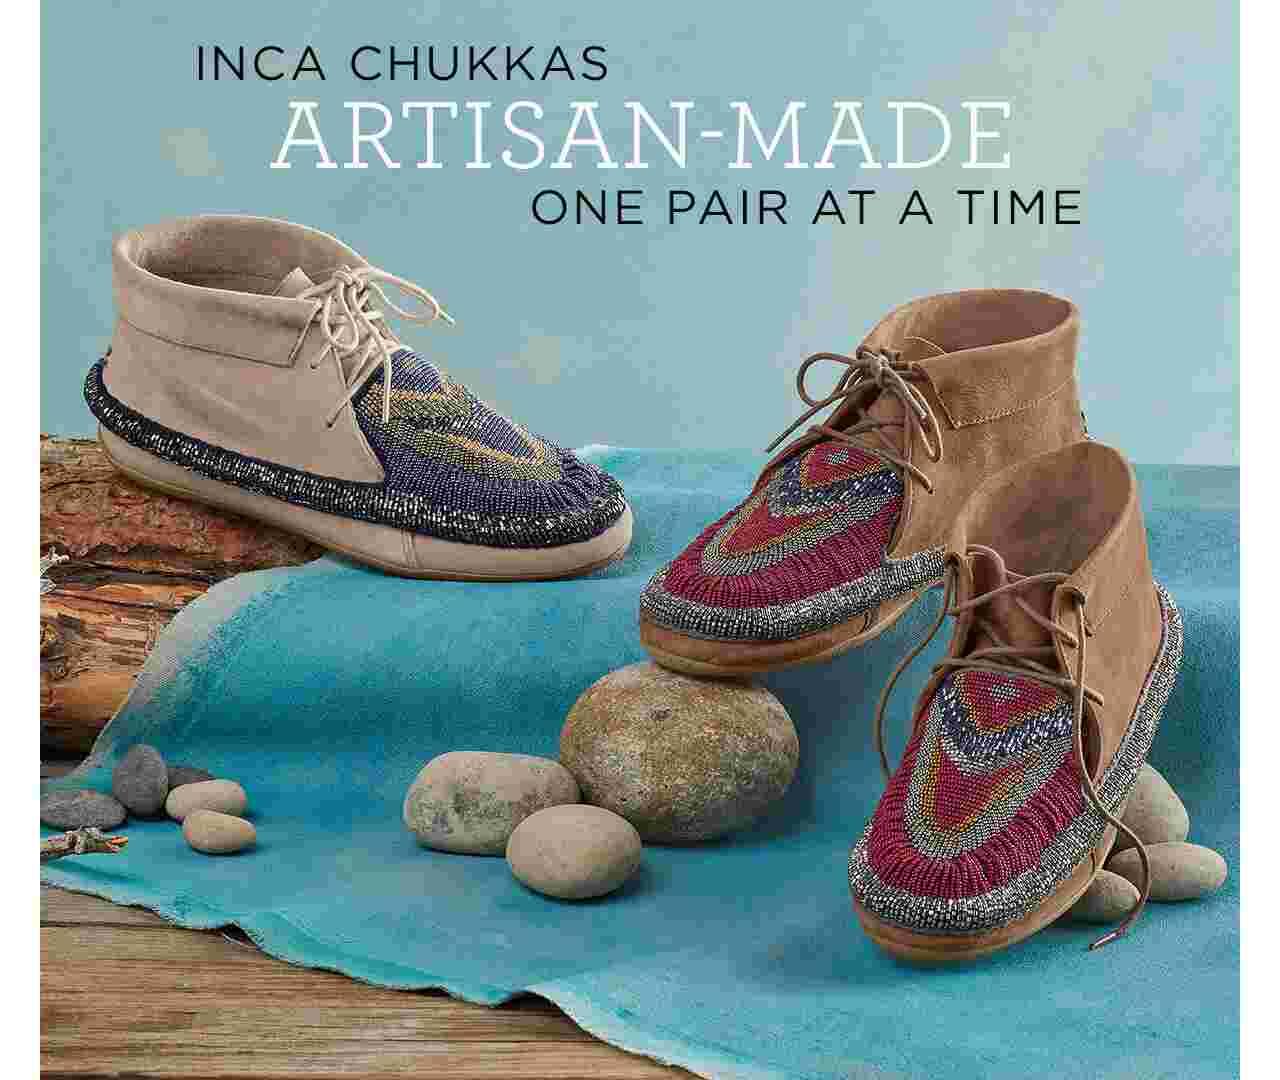 Inca Chukkas